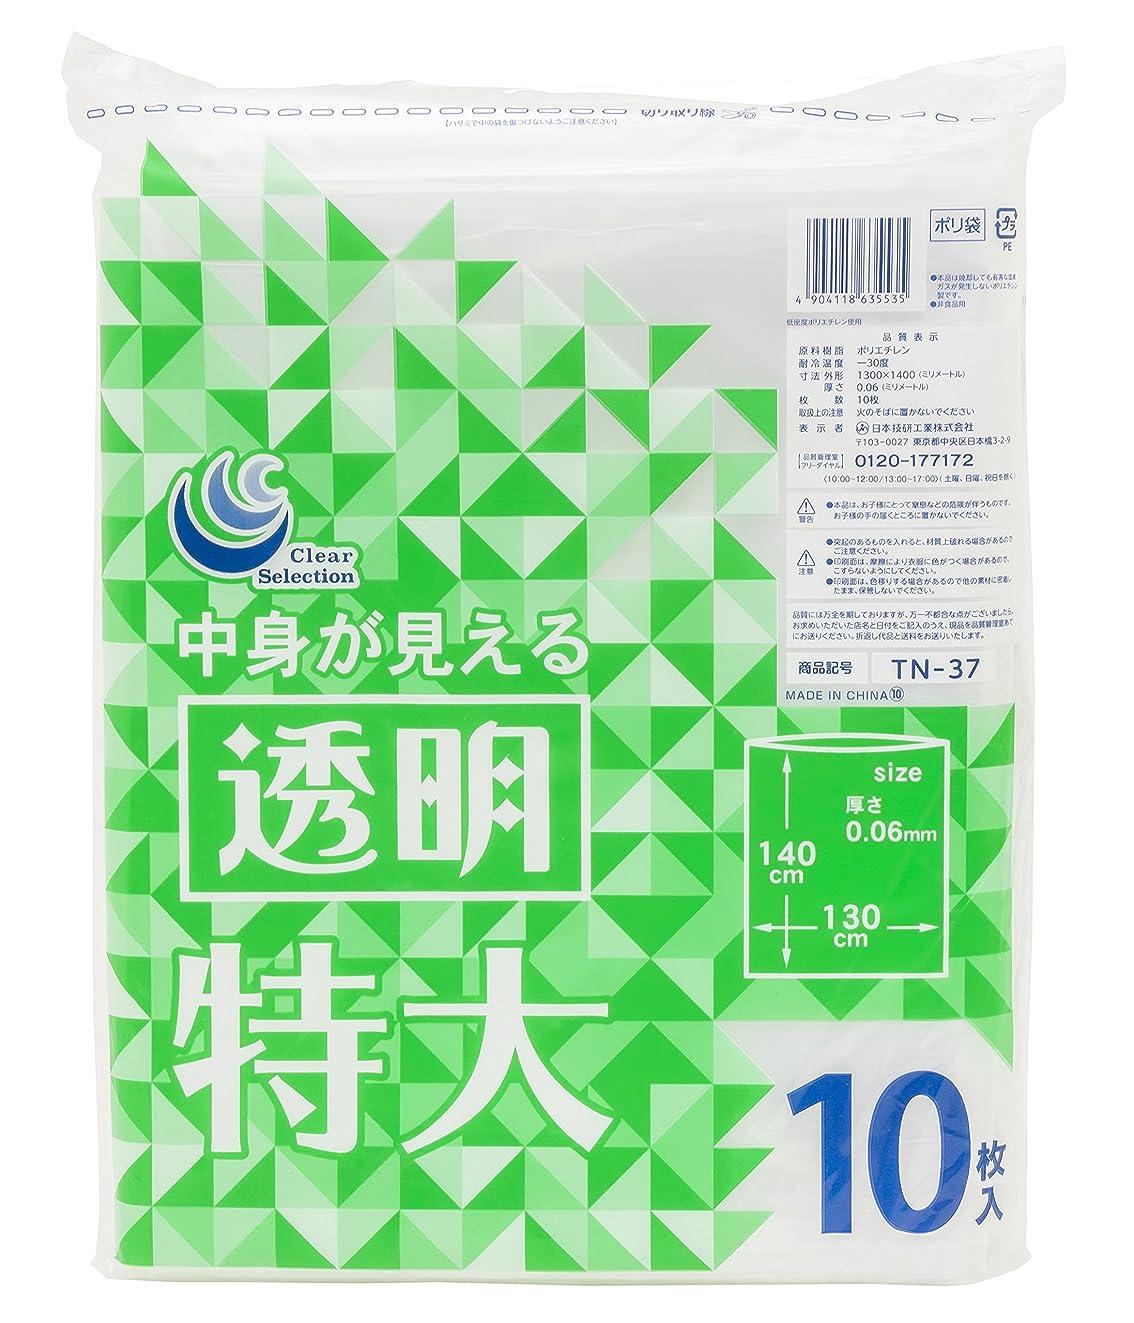 するだろう不規則性スラッシュ日本技研工業 ゴミ袋 透明 特大 130×140cm 厚み0.06mm 伸びやすく裂けにくい 中身が見える 厚くて丈夫 TN-37 10枚入